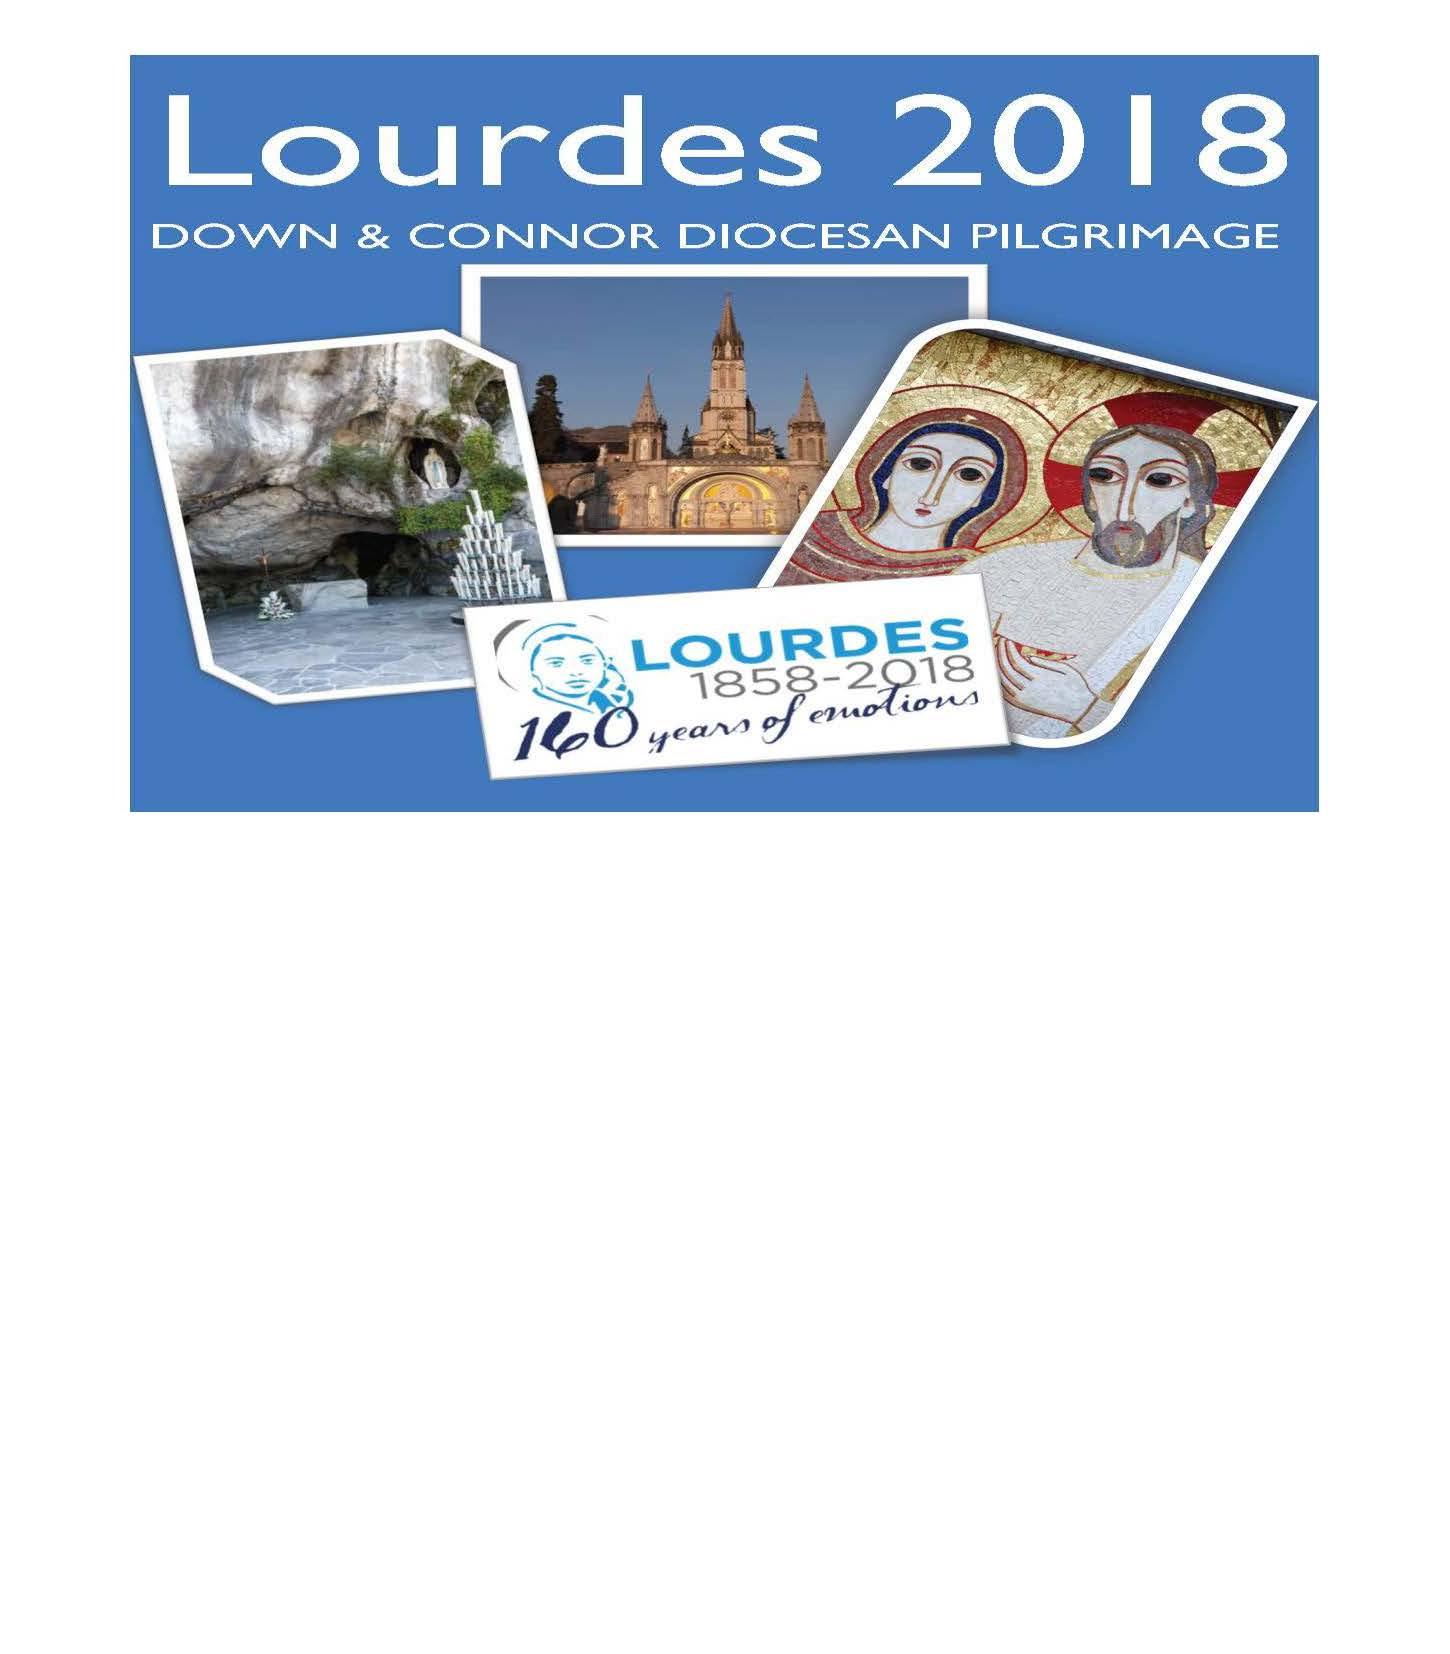 Lourdes-2018-Recent-Image-1